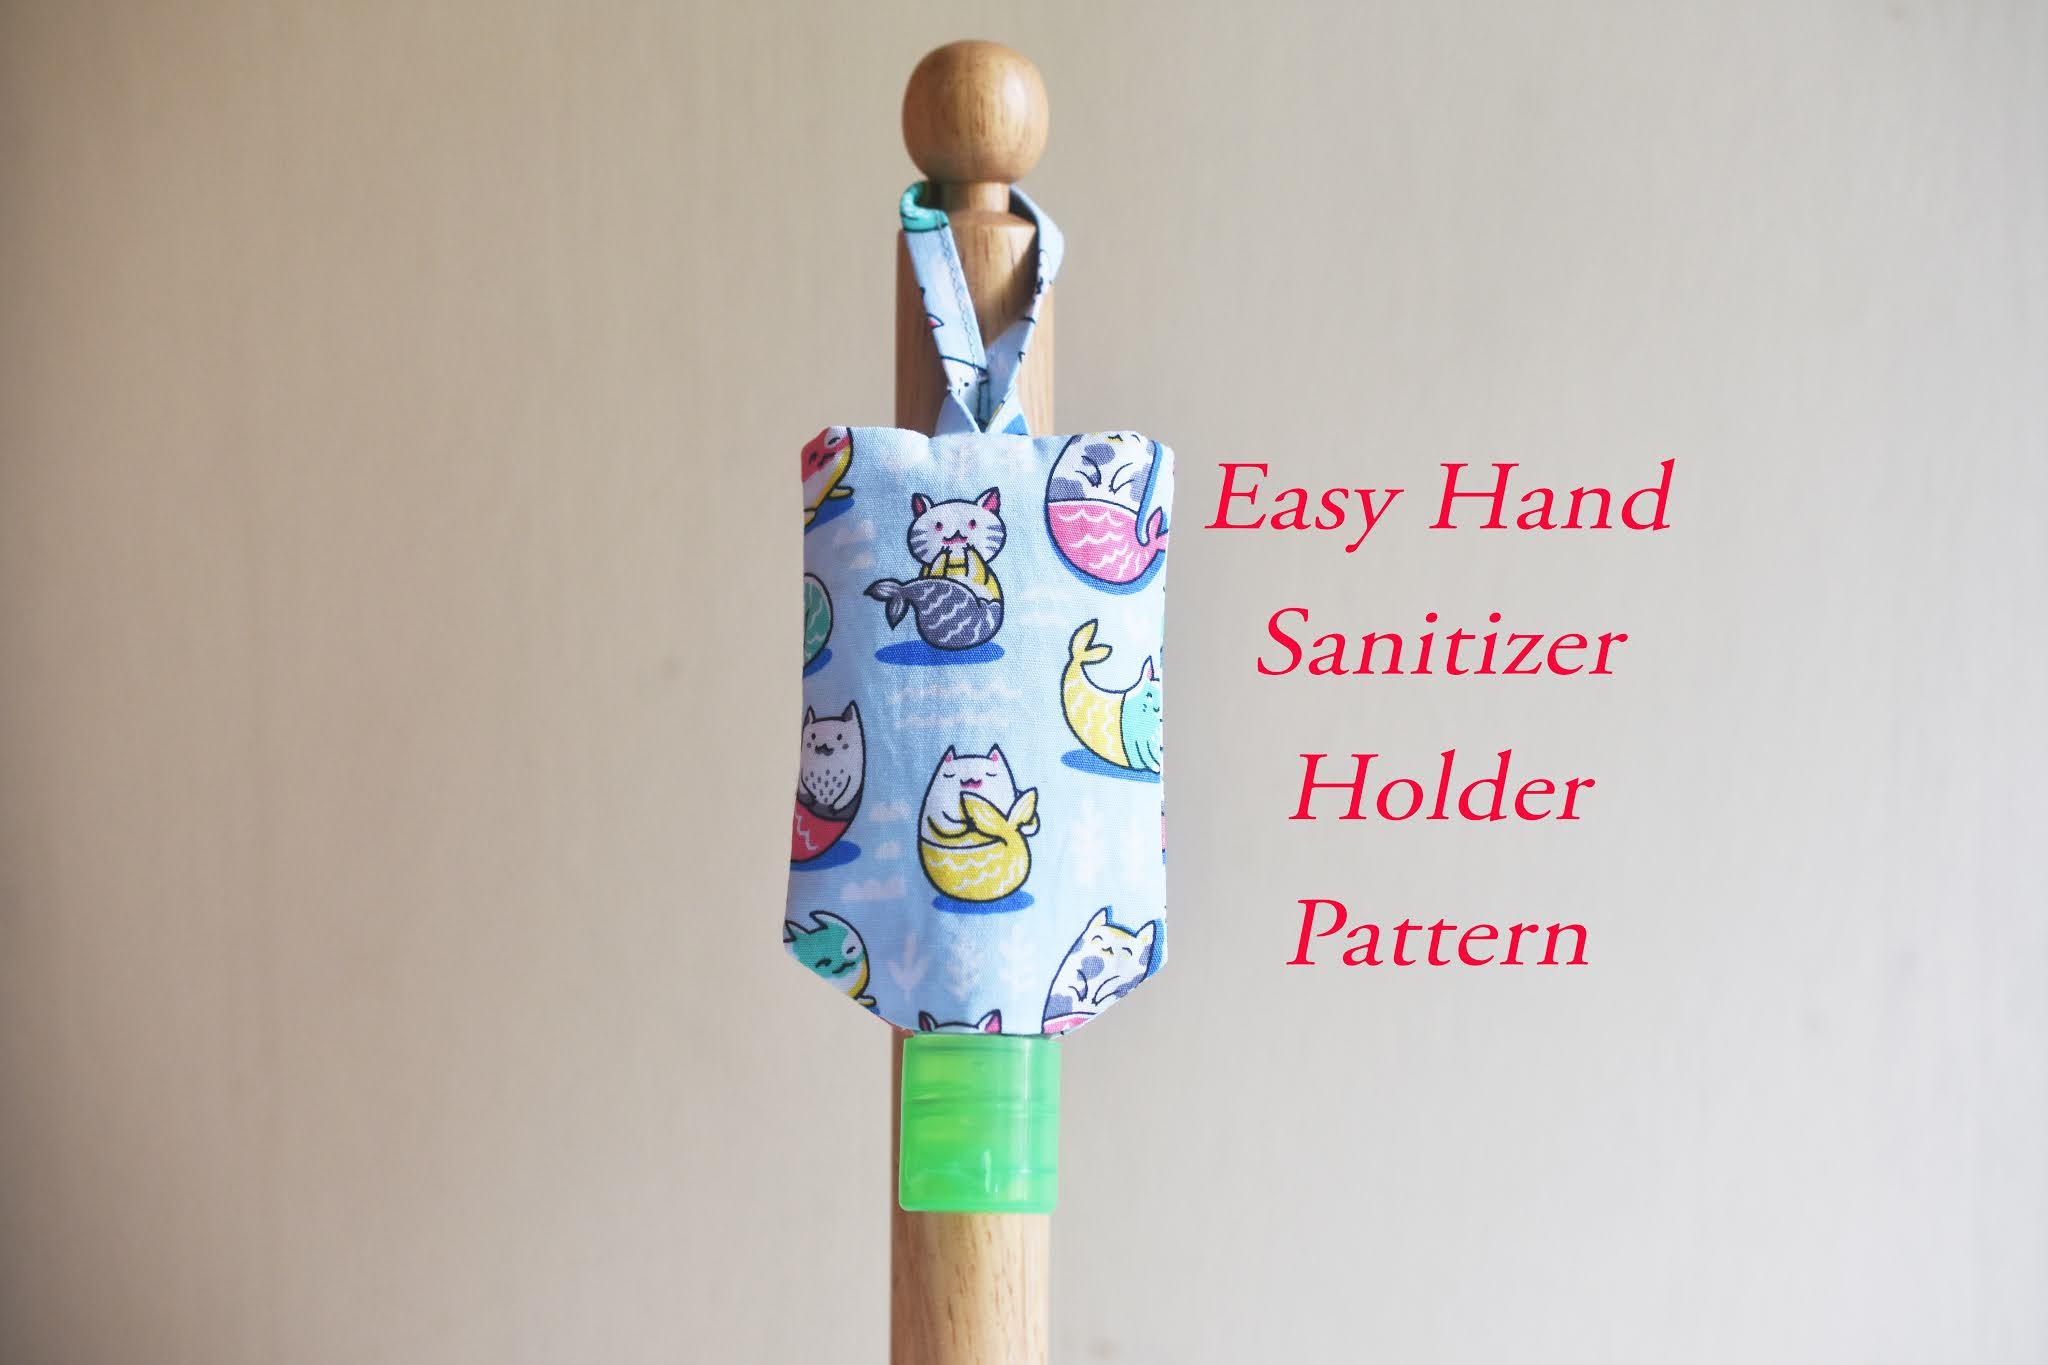 Easy Hand Sanitizer Holder